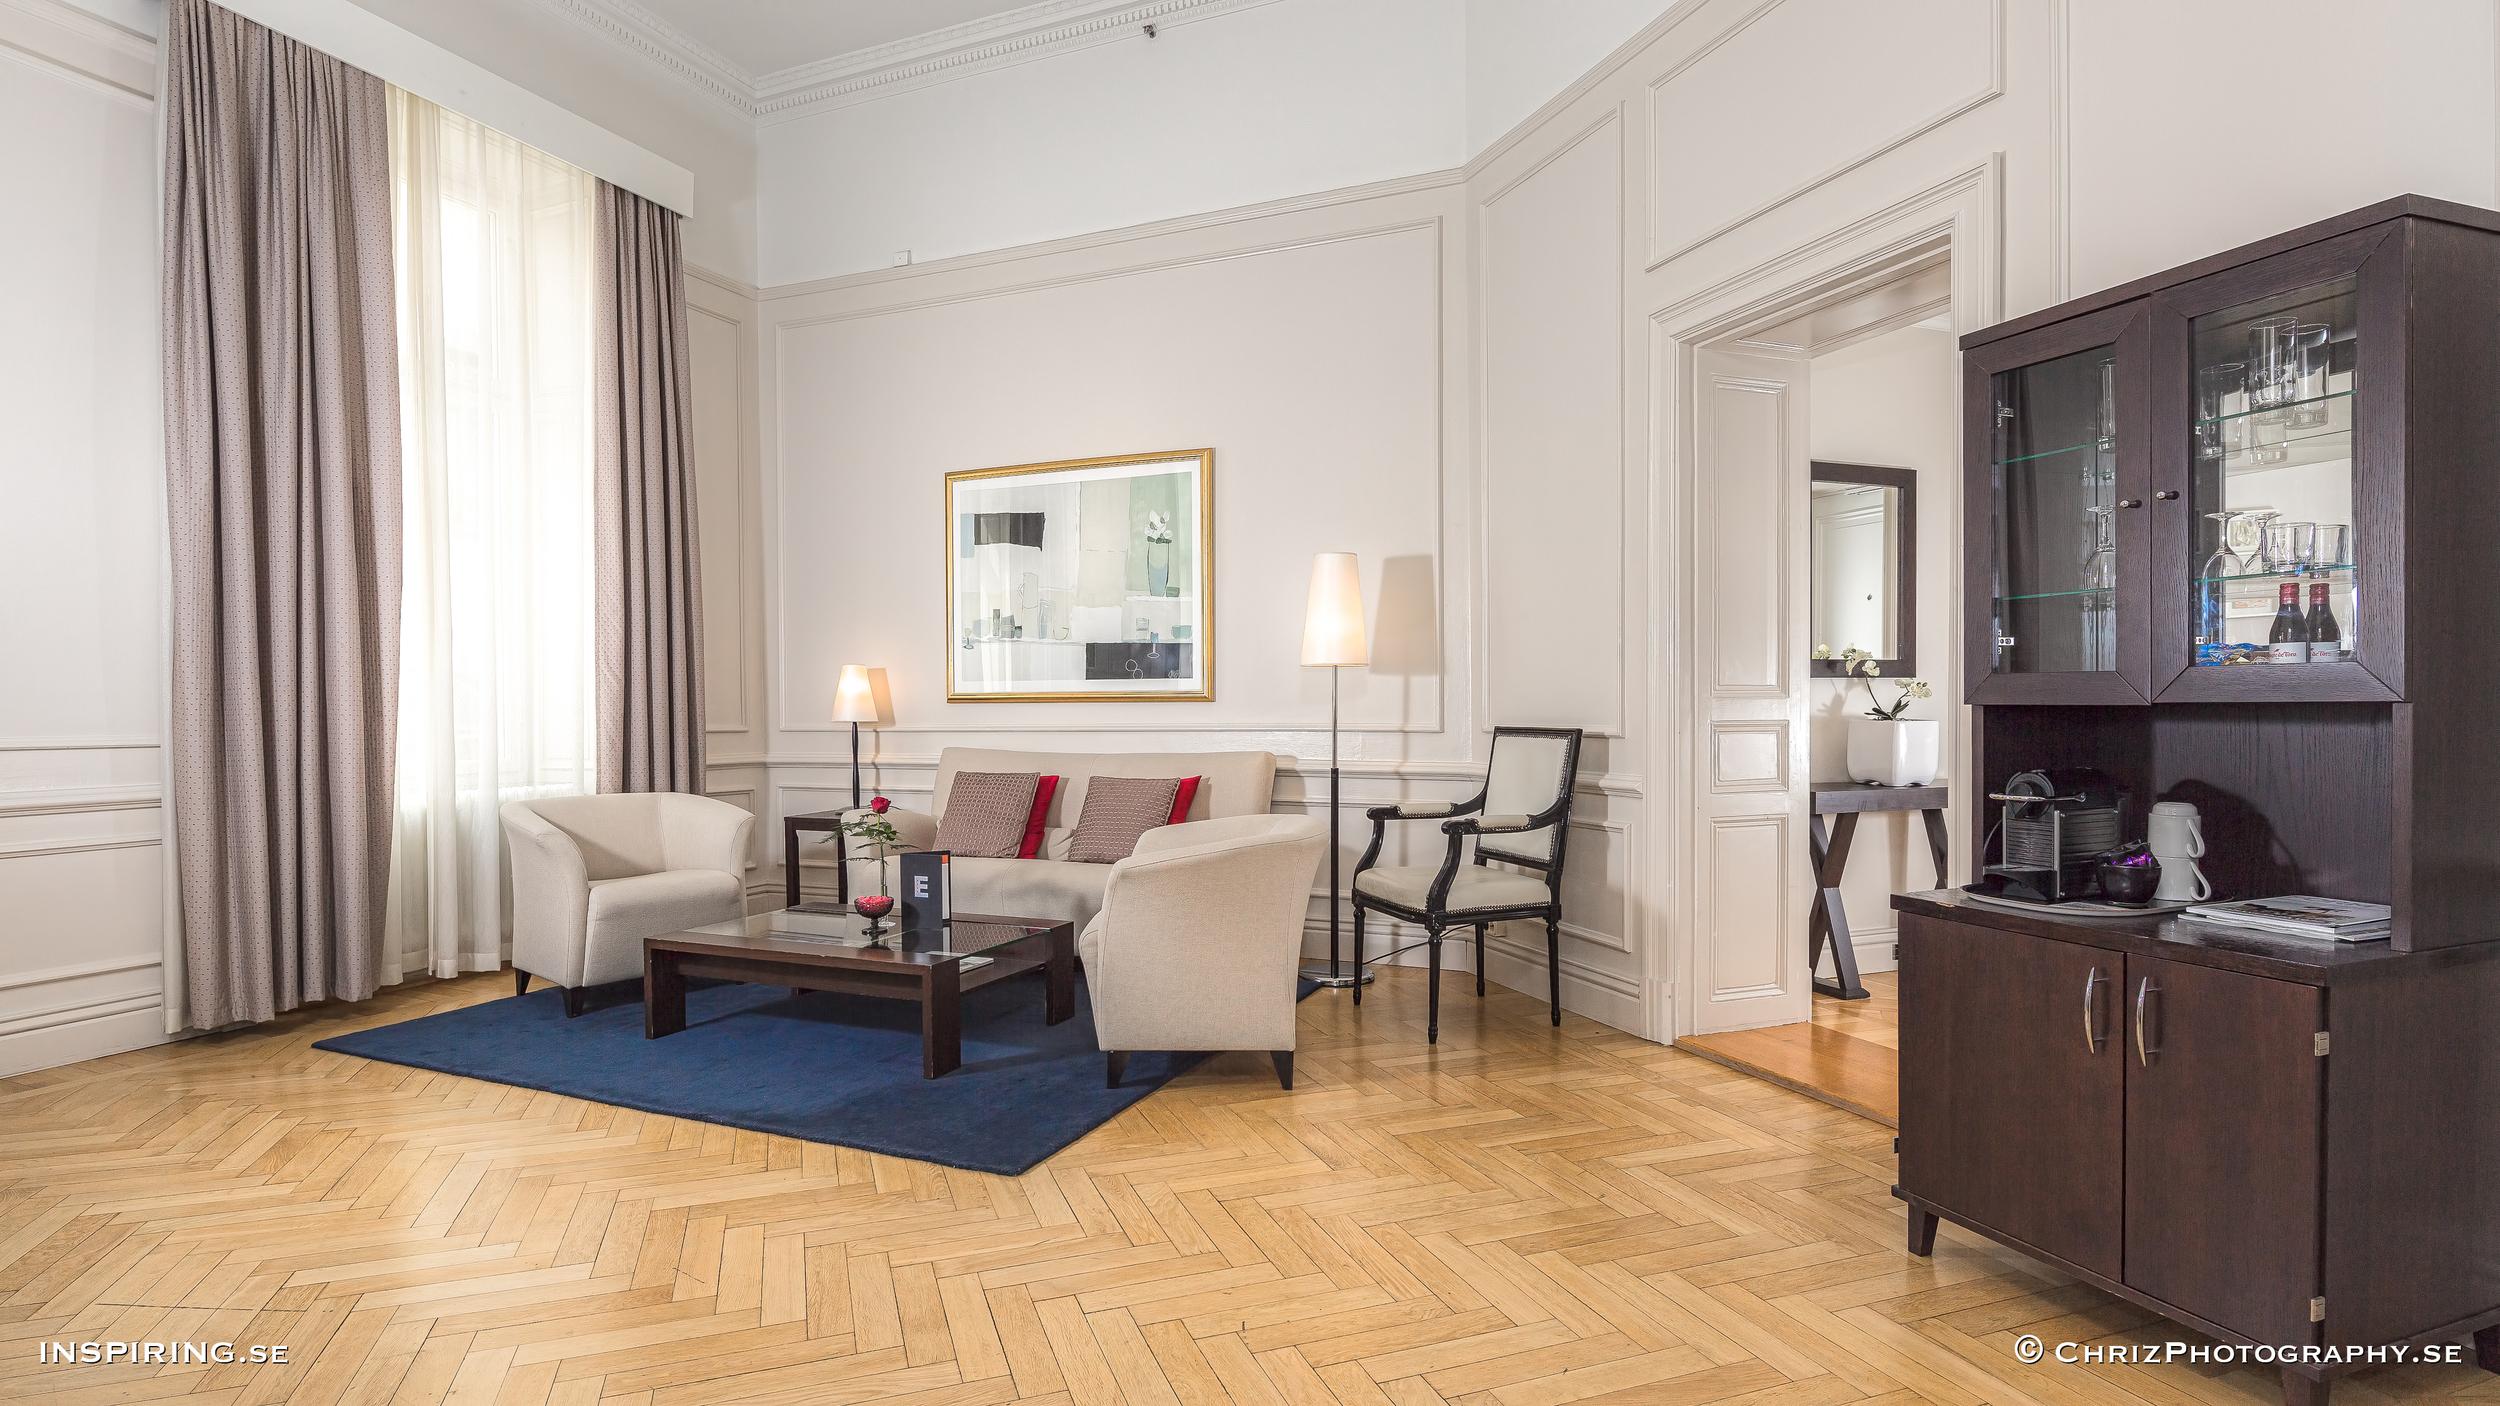 Elite_Hotel_Knaust_Inspiring.se_copyright_ChrizPhotography.se_8.jpg